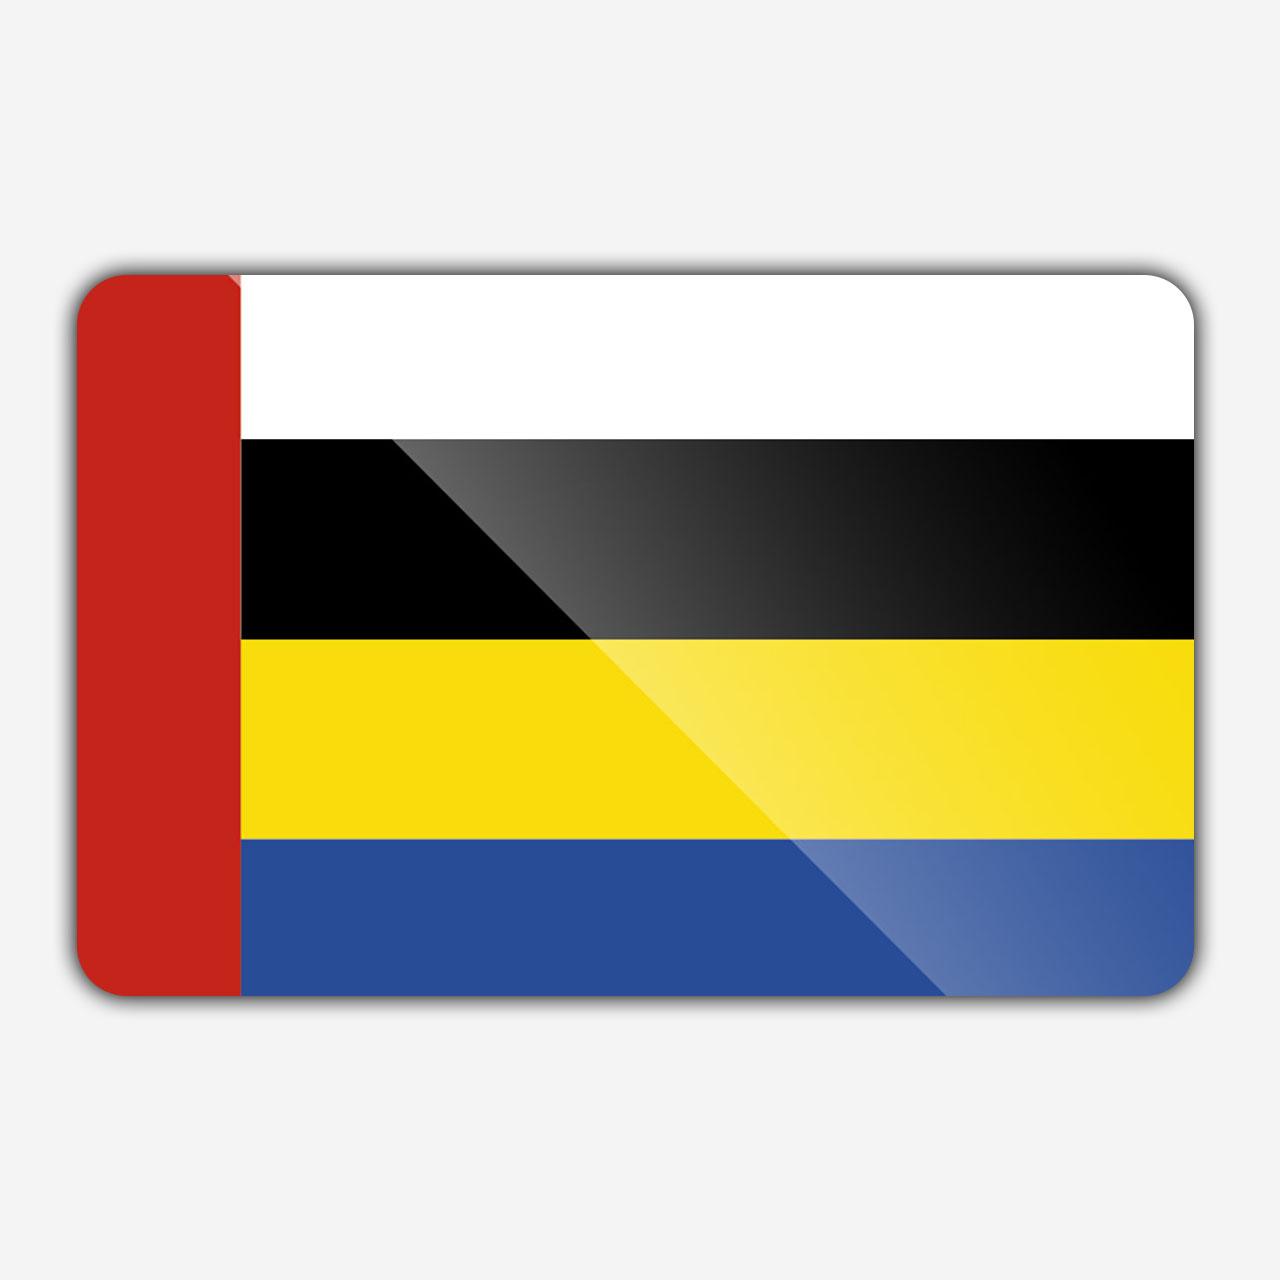 Vlag gemeente Nuenen Gerwen Nederwetten